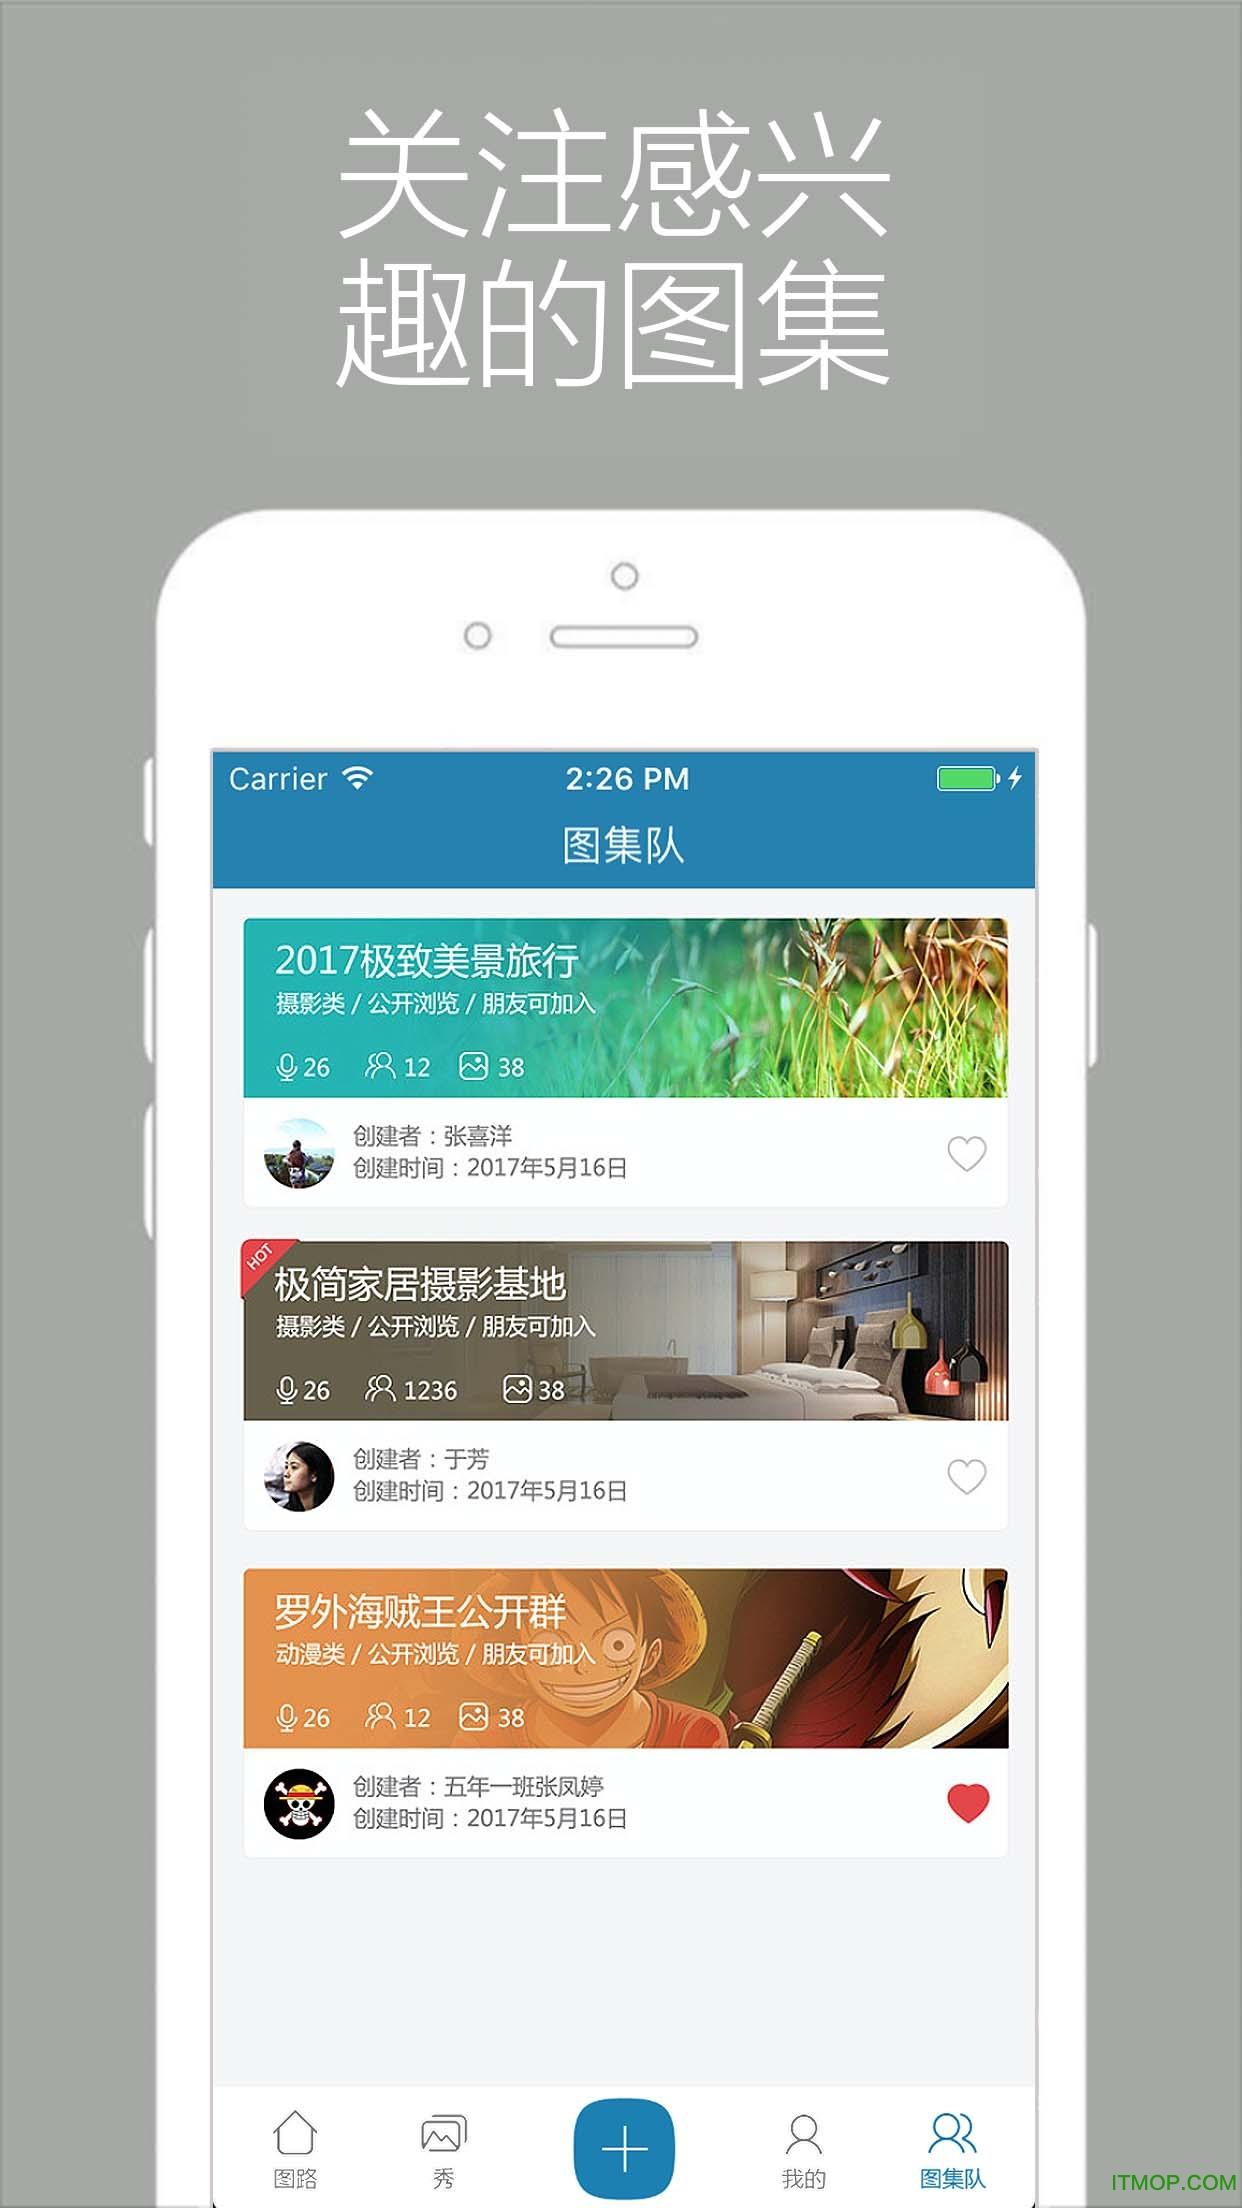 图路记事本 v1.0 安卓版 3